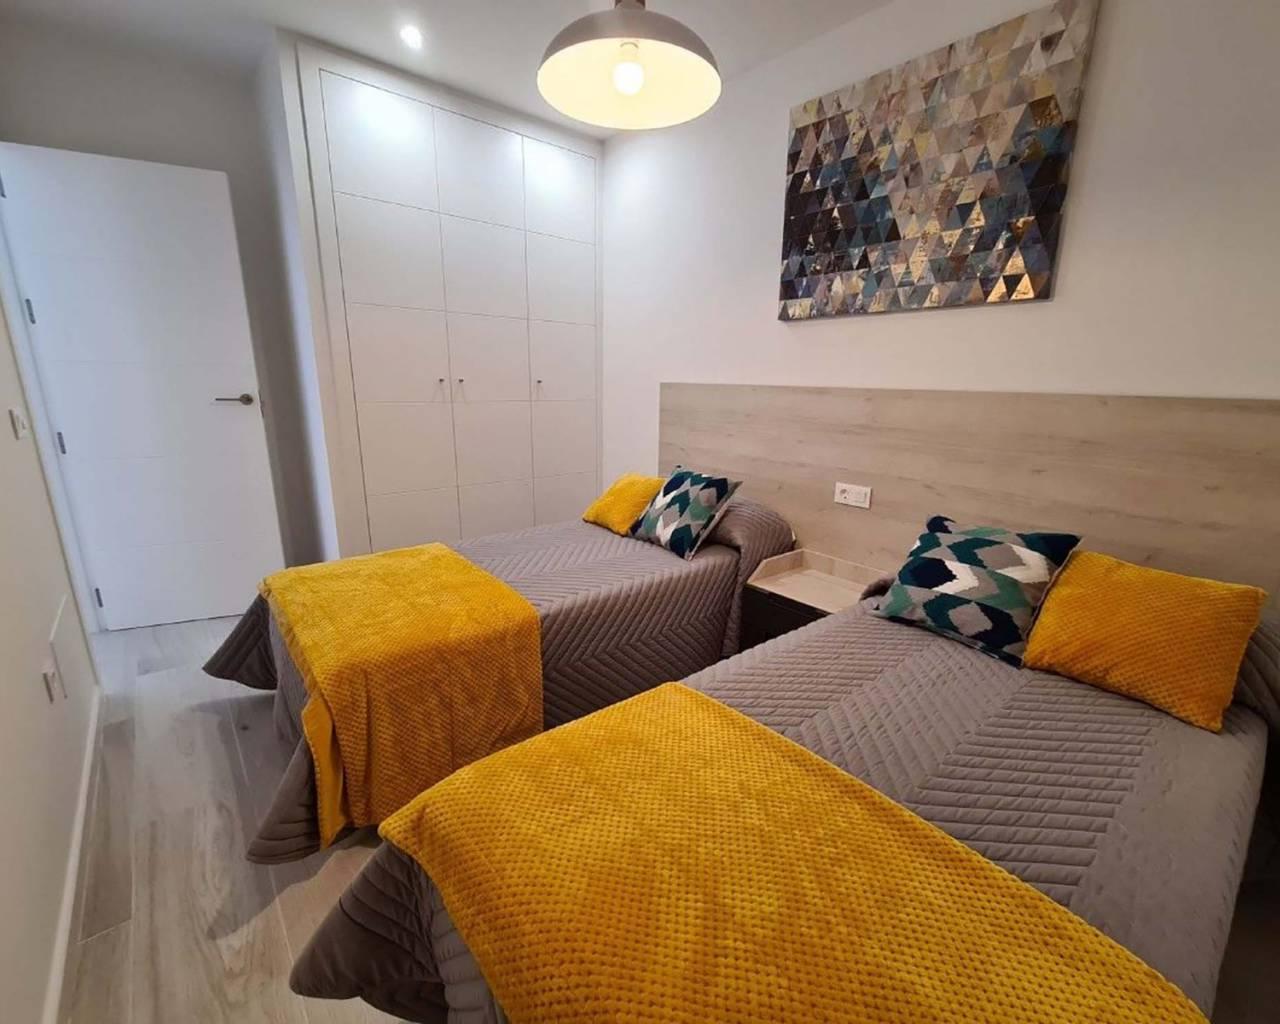 nieuwbouw-vrijstaande-villa-avileses-dorps-centrum_5513_xl